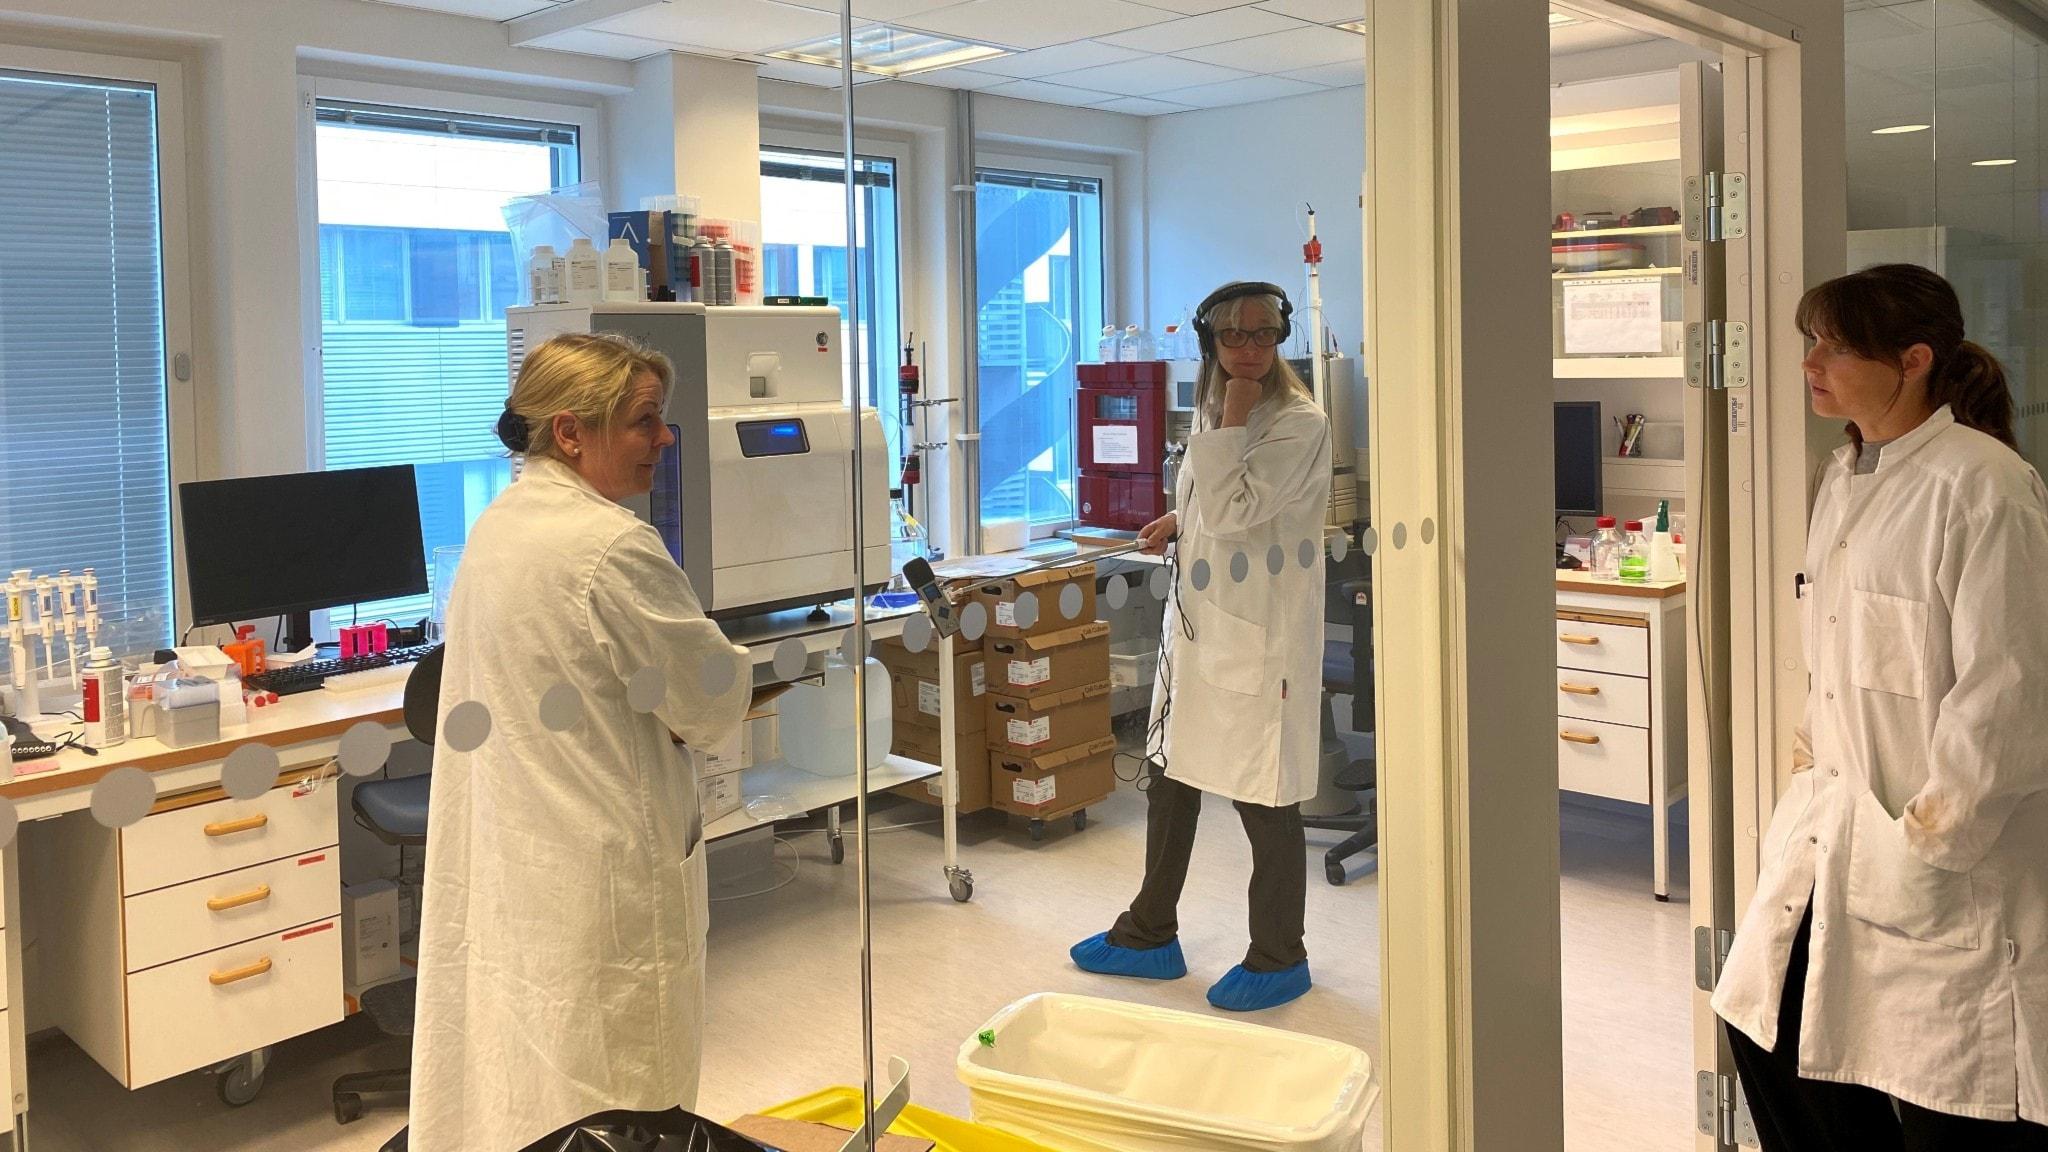 I labbmiljö står tre kvinnor i vita rockar och diskuterar. Man ser allt genom en glasvägg. En står i dörröppningen och de två andra inne i rummet. En av kvinnorna är reporter som spelar in ljud från en maskin.